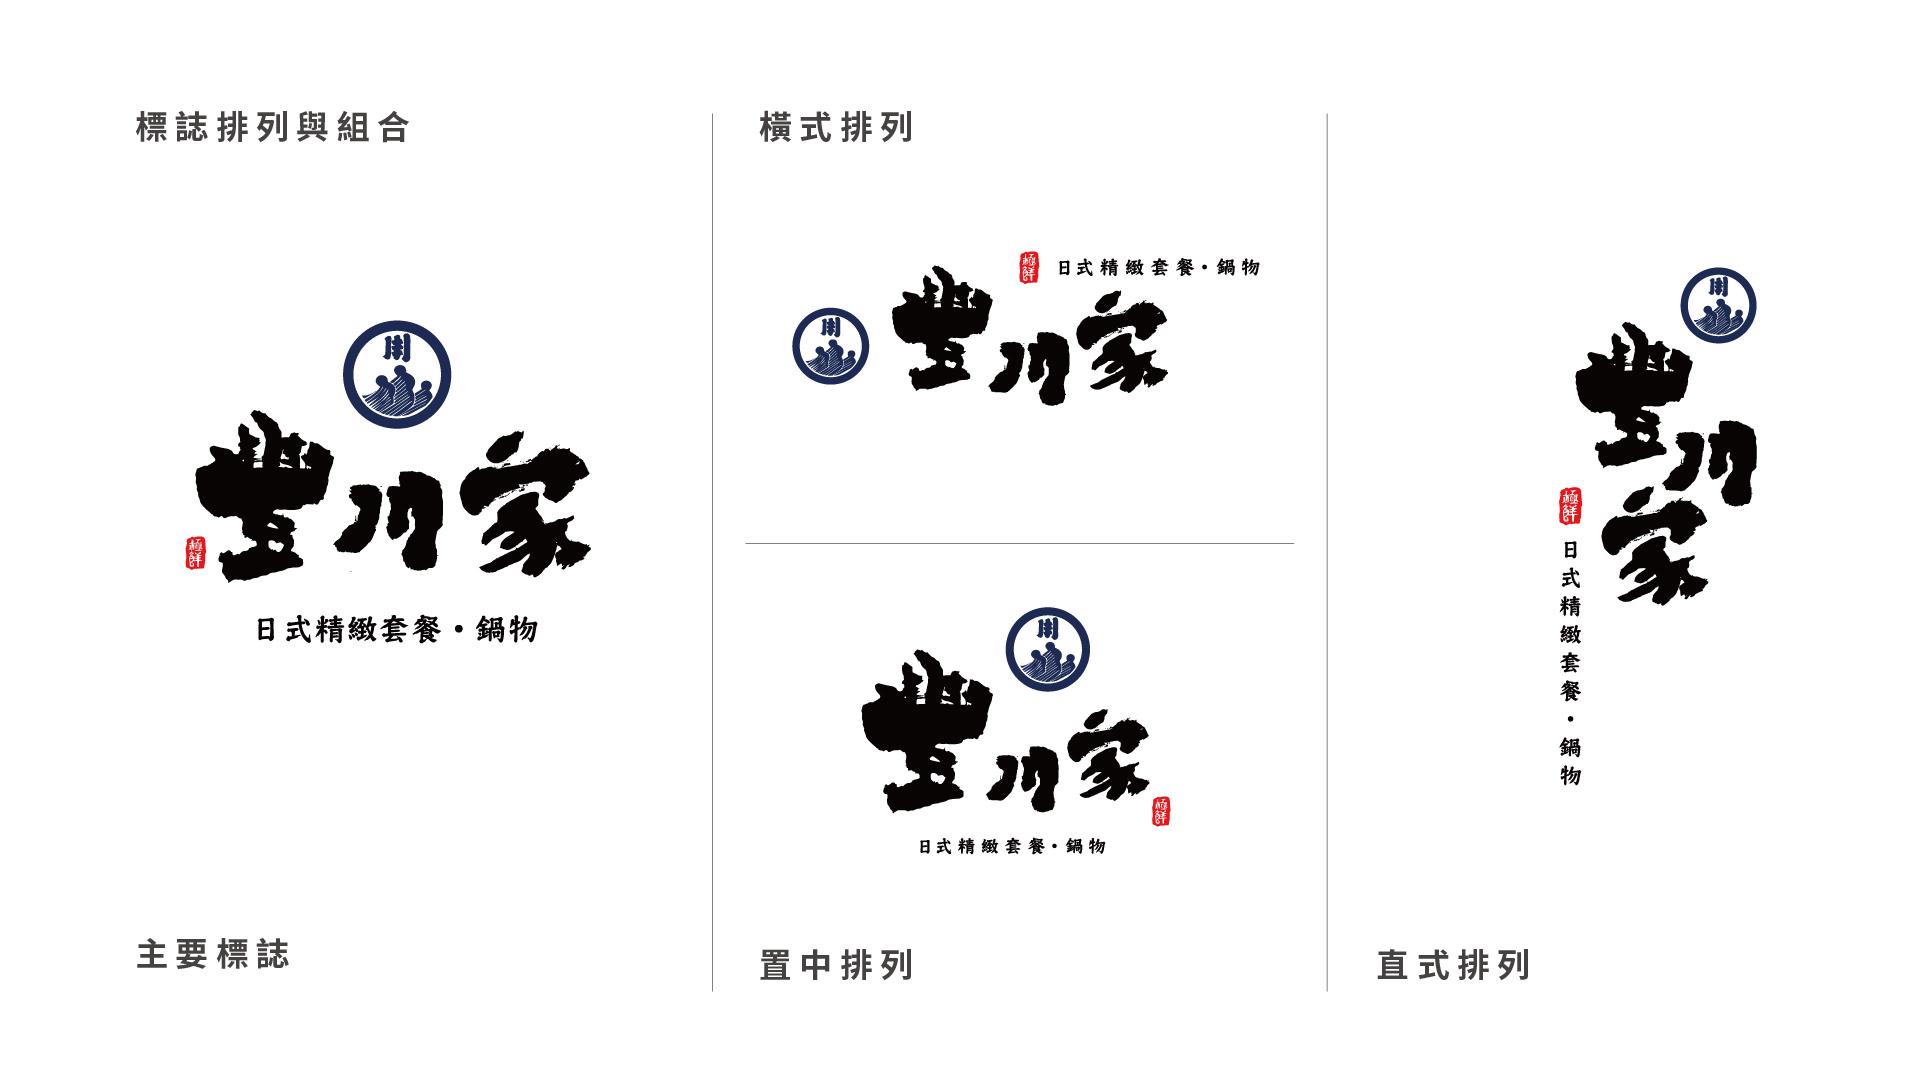 豐川家 標誌排列與組合 | 甘樂文創 | 甘之如飴,樂在其中